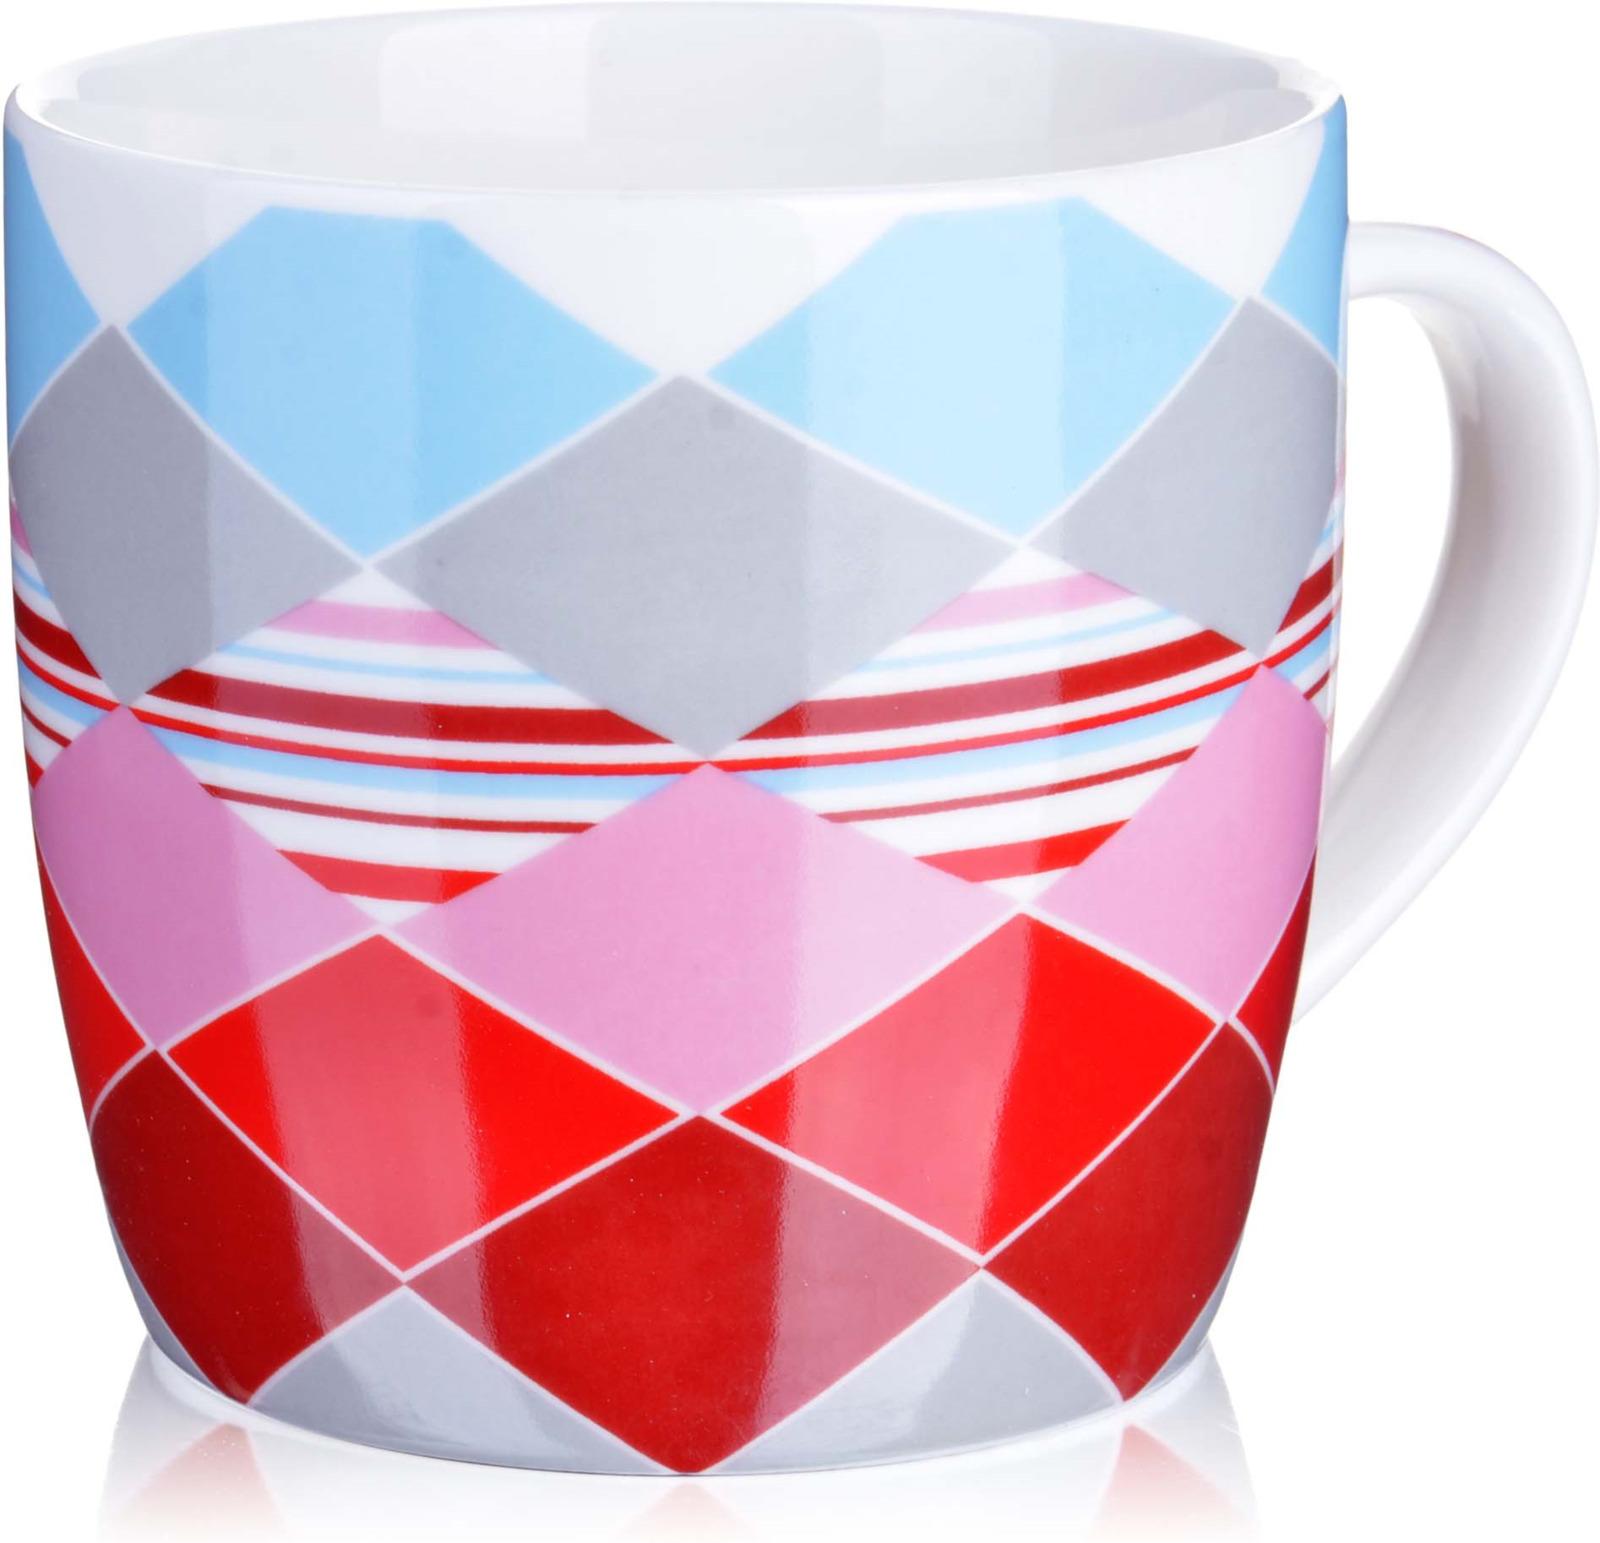 Кружка Loraine, цвет: белый, голубой, розовый, красный, 320 мл. у3700 кружка loraine i love you цвет белый красный розовый 320 мл